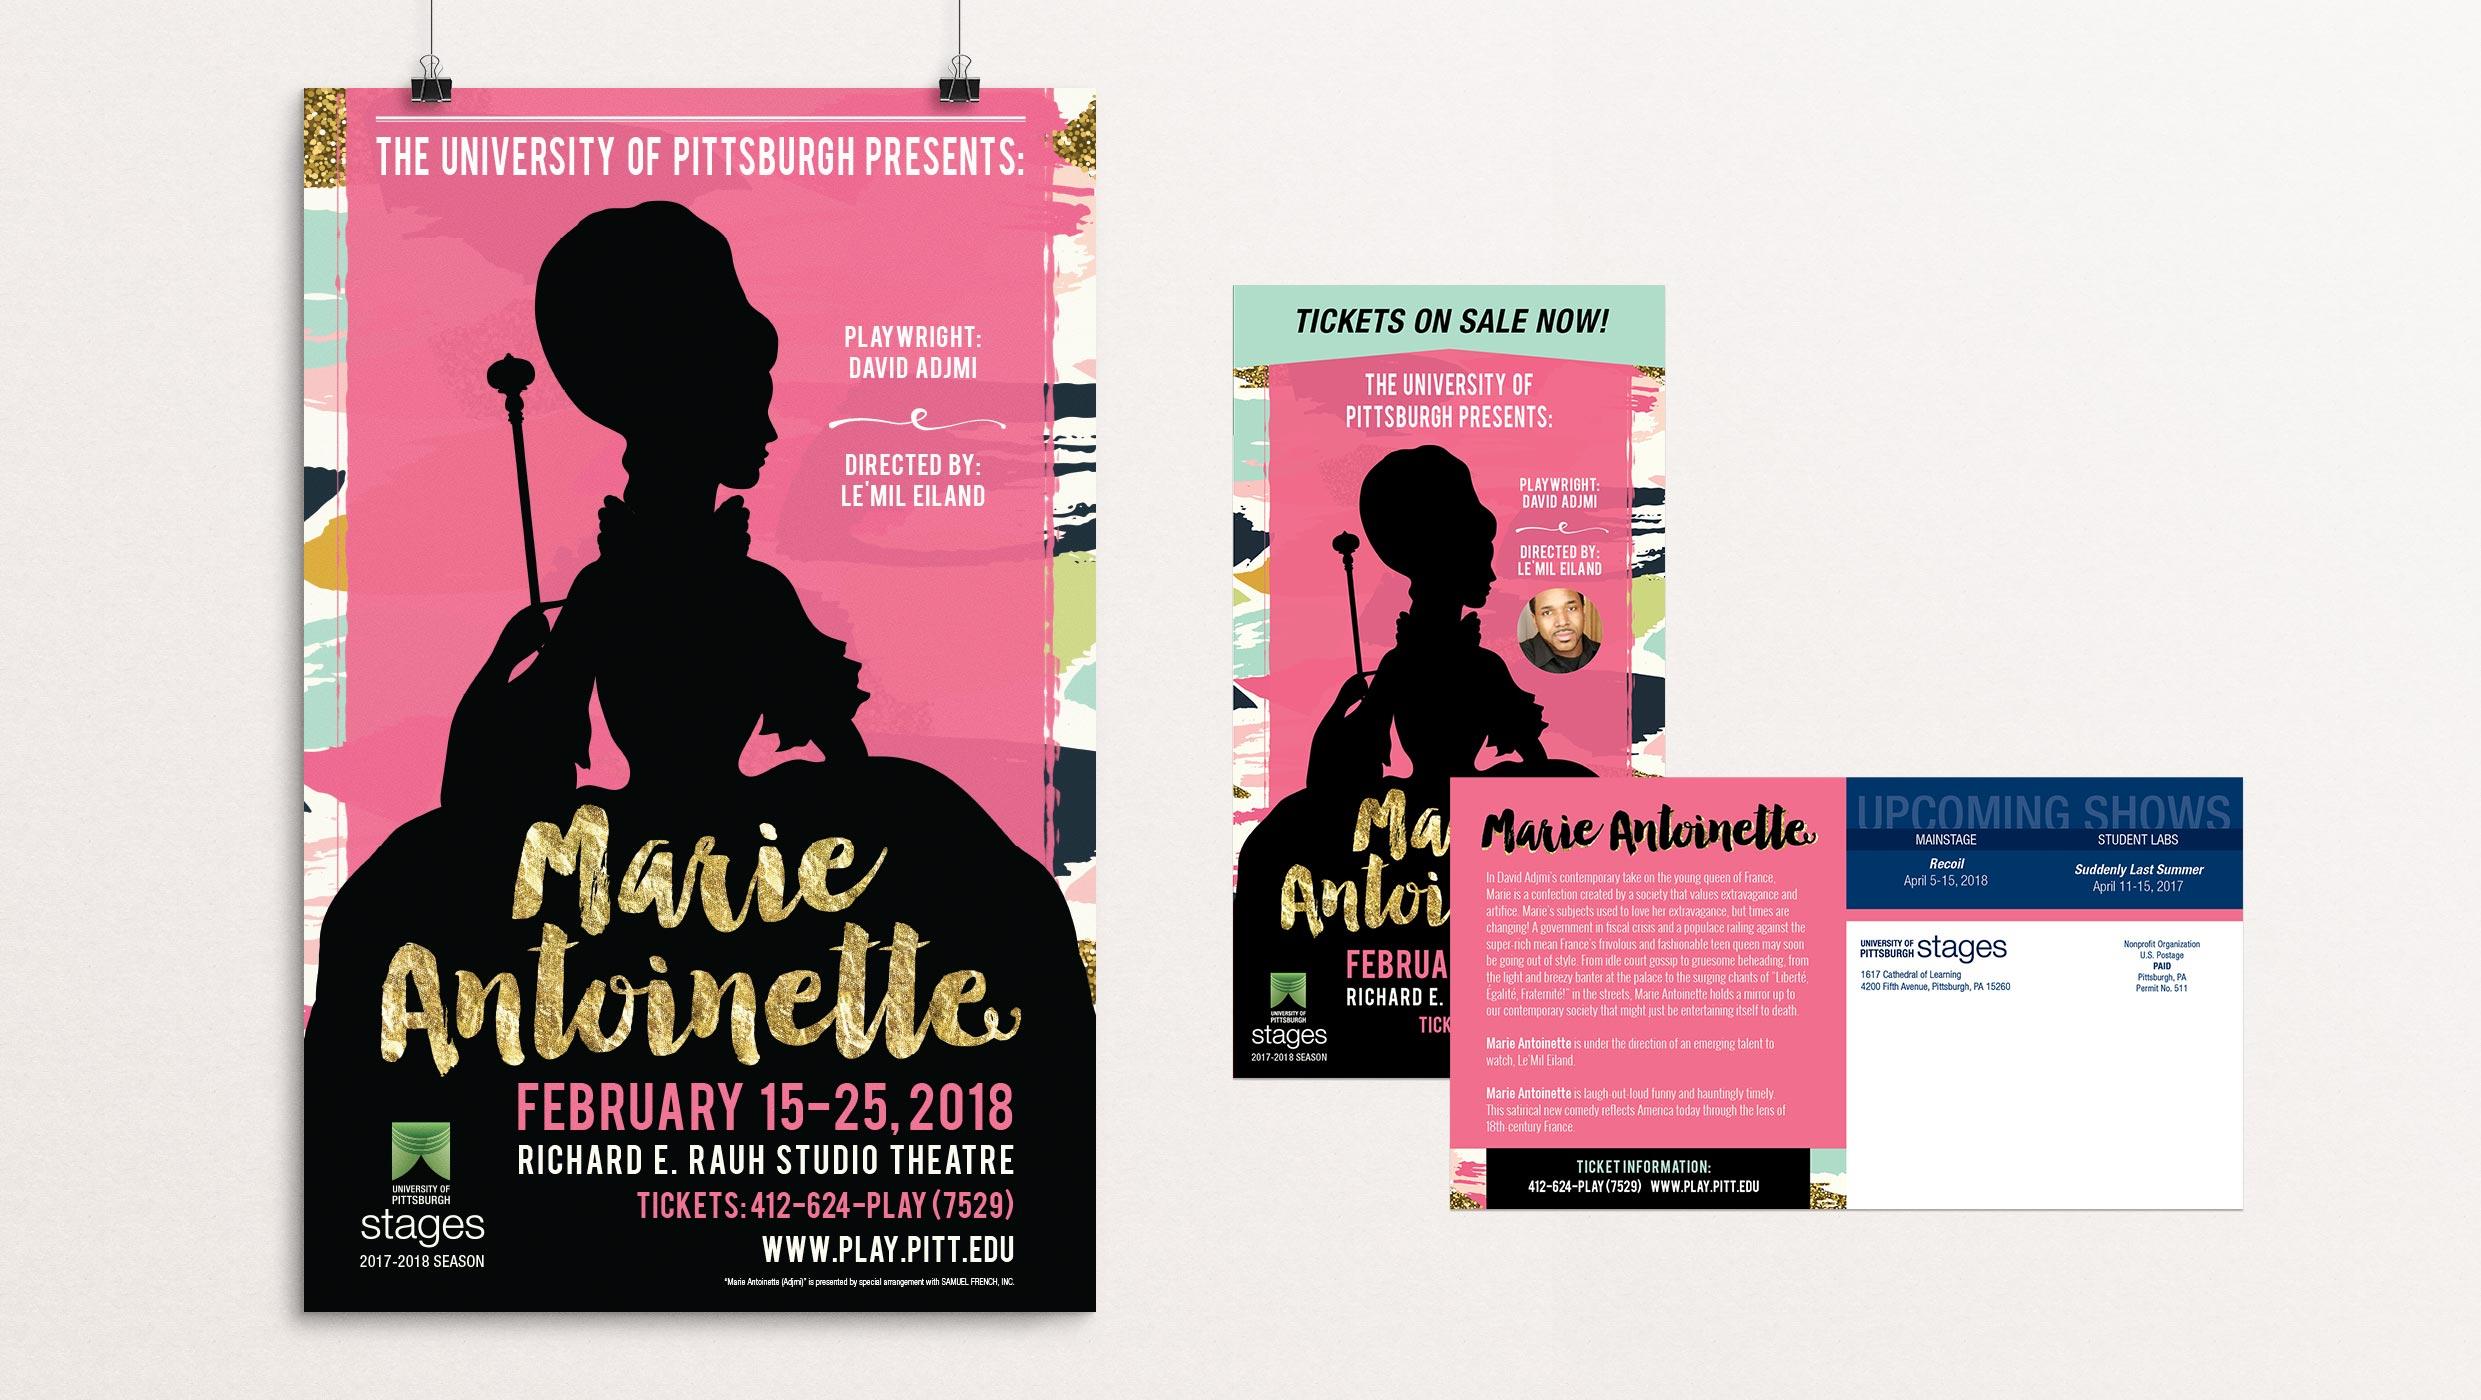 Marie Antoinette poster designed by Tara Hoover